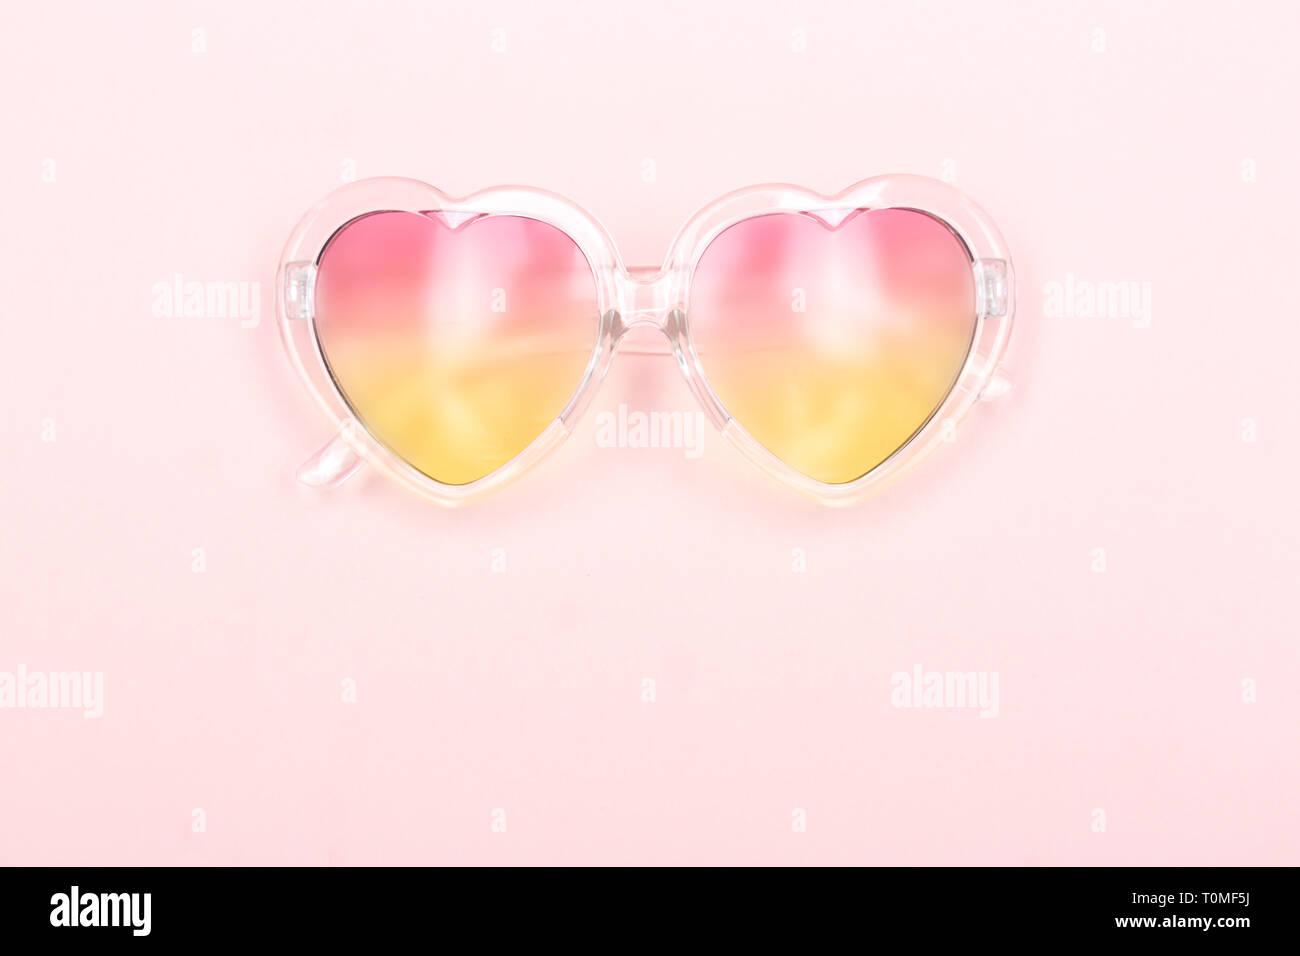 7e948f83ef Gafas de sol en forma de corazón con un degradado de lentes. Fondo de color